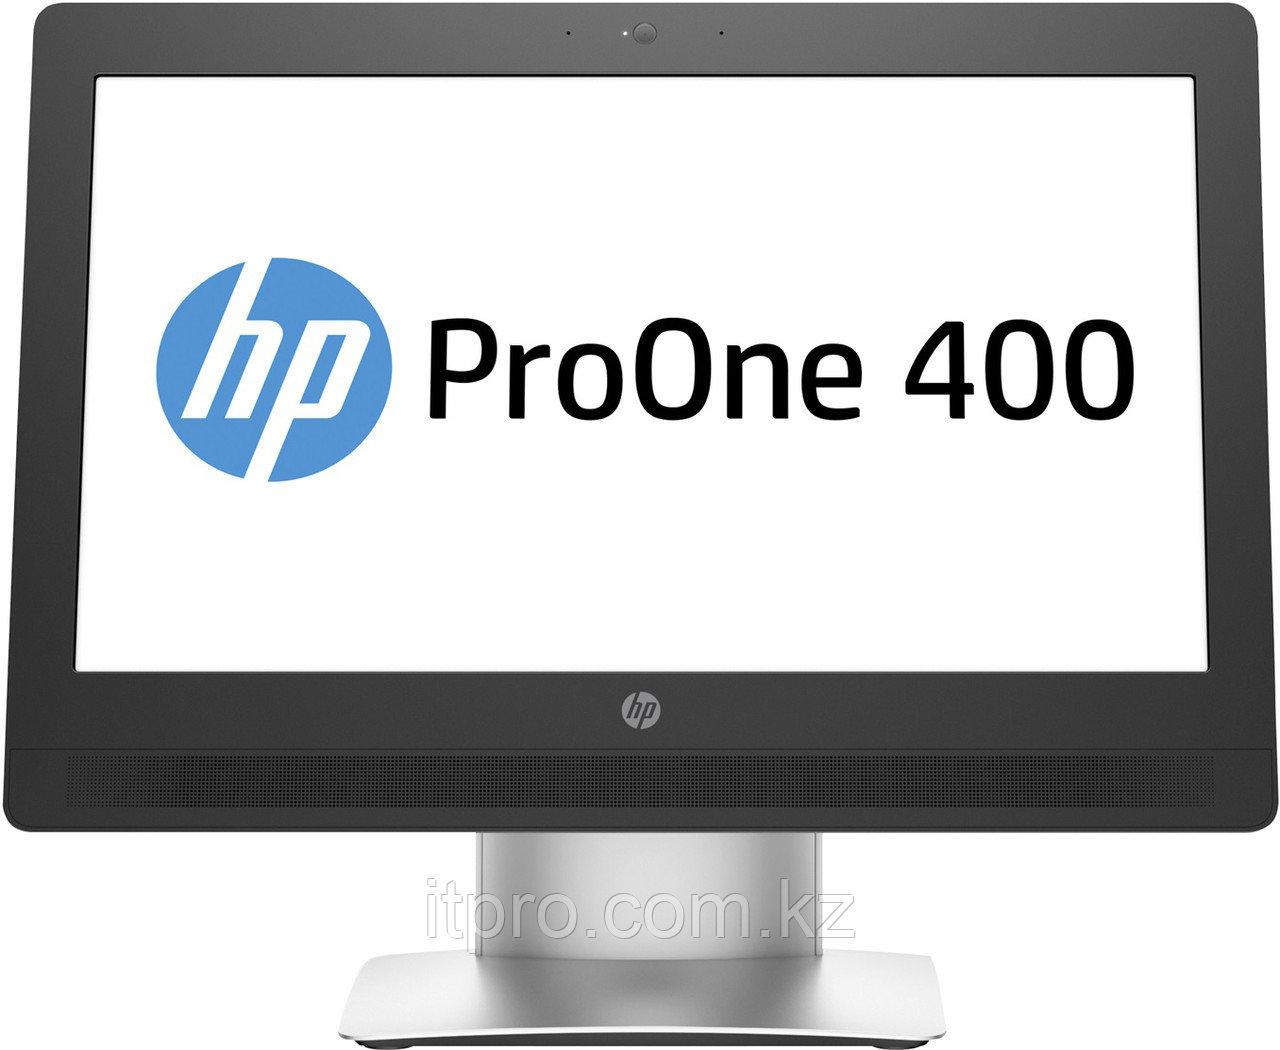 Компьютер HP ProOne 400 G2 AiO